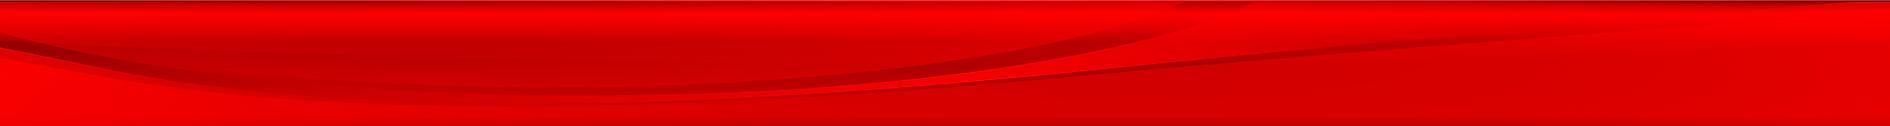 WEBSITE BANNER BACKGROUND.png